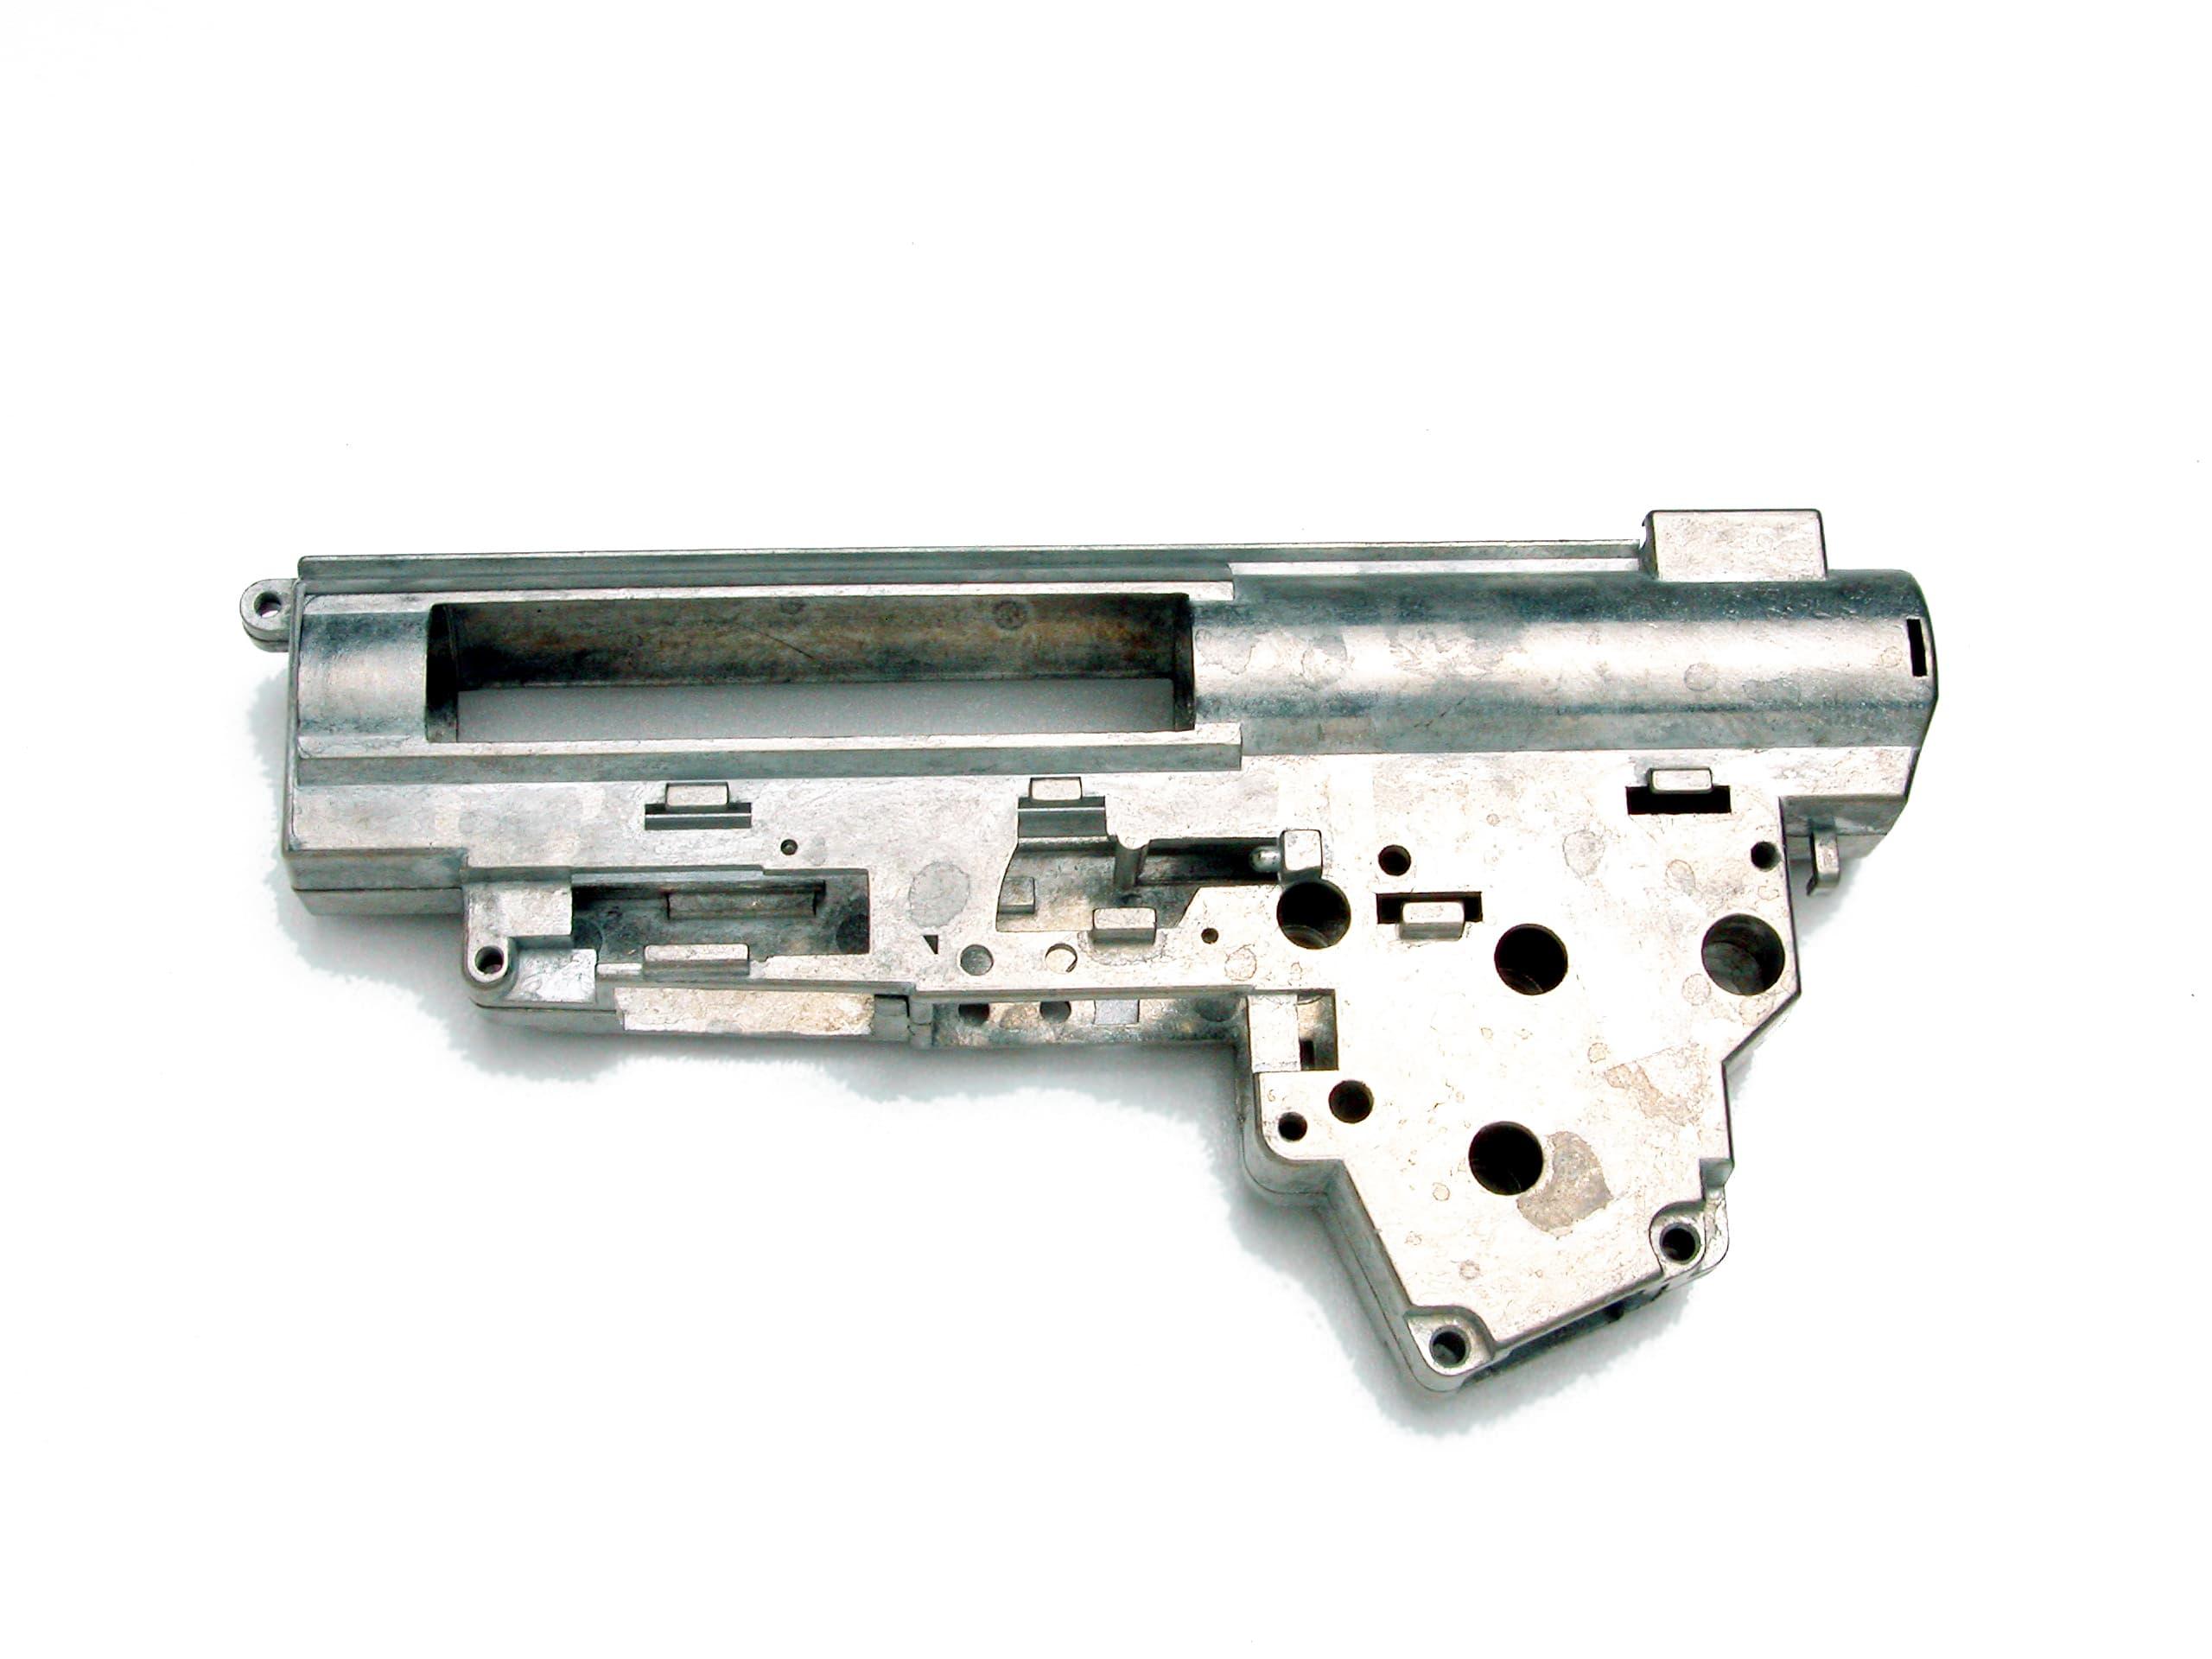 【強度アップ】HurricanE ハリケーンVer3 強化メカボックス 7mmベアリング★AK47/S MP5K AUG